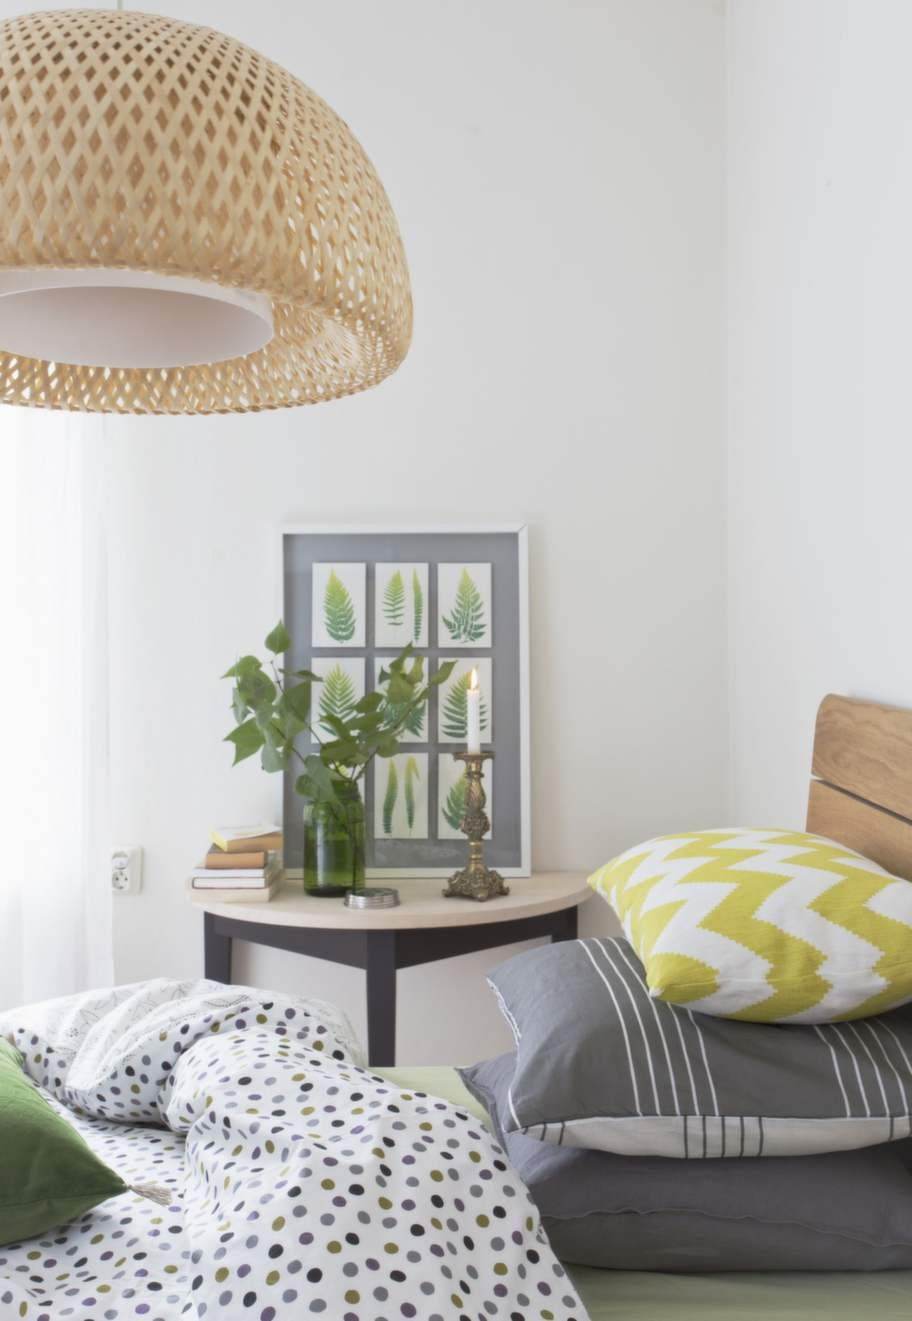 STILRENTTrämöbler, äggskalsfärgade väggar och lakan i en gråvit färgskala ger sovrummet en sval och lugn karaktär. Halvmånebord i såpad furu, 4 300 kronor, Norrgavel. Grönt underlakan, 109 kronor, Linea. Prickigt påslakan Alva, 495 kronor, Gudrun Sjödén. Grått linneörngott och påslakan, 499 kronor, H&M home. Randigt örngott Horizon, 59 kronor, La Redoute. Mönstrad linnekudde 595 kronor, grön linnekudde med tofsar, 750 kronor, Norrgavel. Rottinglampa Böja, 599 kronor, tavla Olunda, 399 kronor, säng Sultan Singås, 90 × 200 centimeter, 1 295 kronor, bäddmadrass Tjöme, 495 kronor allt från Ikea. Vas, 59:50 kronor, H&M home. Ljusstake, 99:50 kronor, Homeshop. Väggar målade i matt bruten linoljefärg, 295 kronor per liter, Gysinge byggnadsvård.